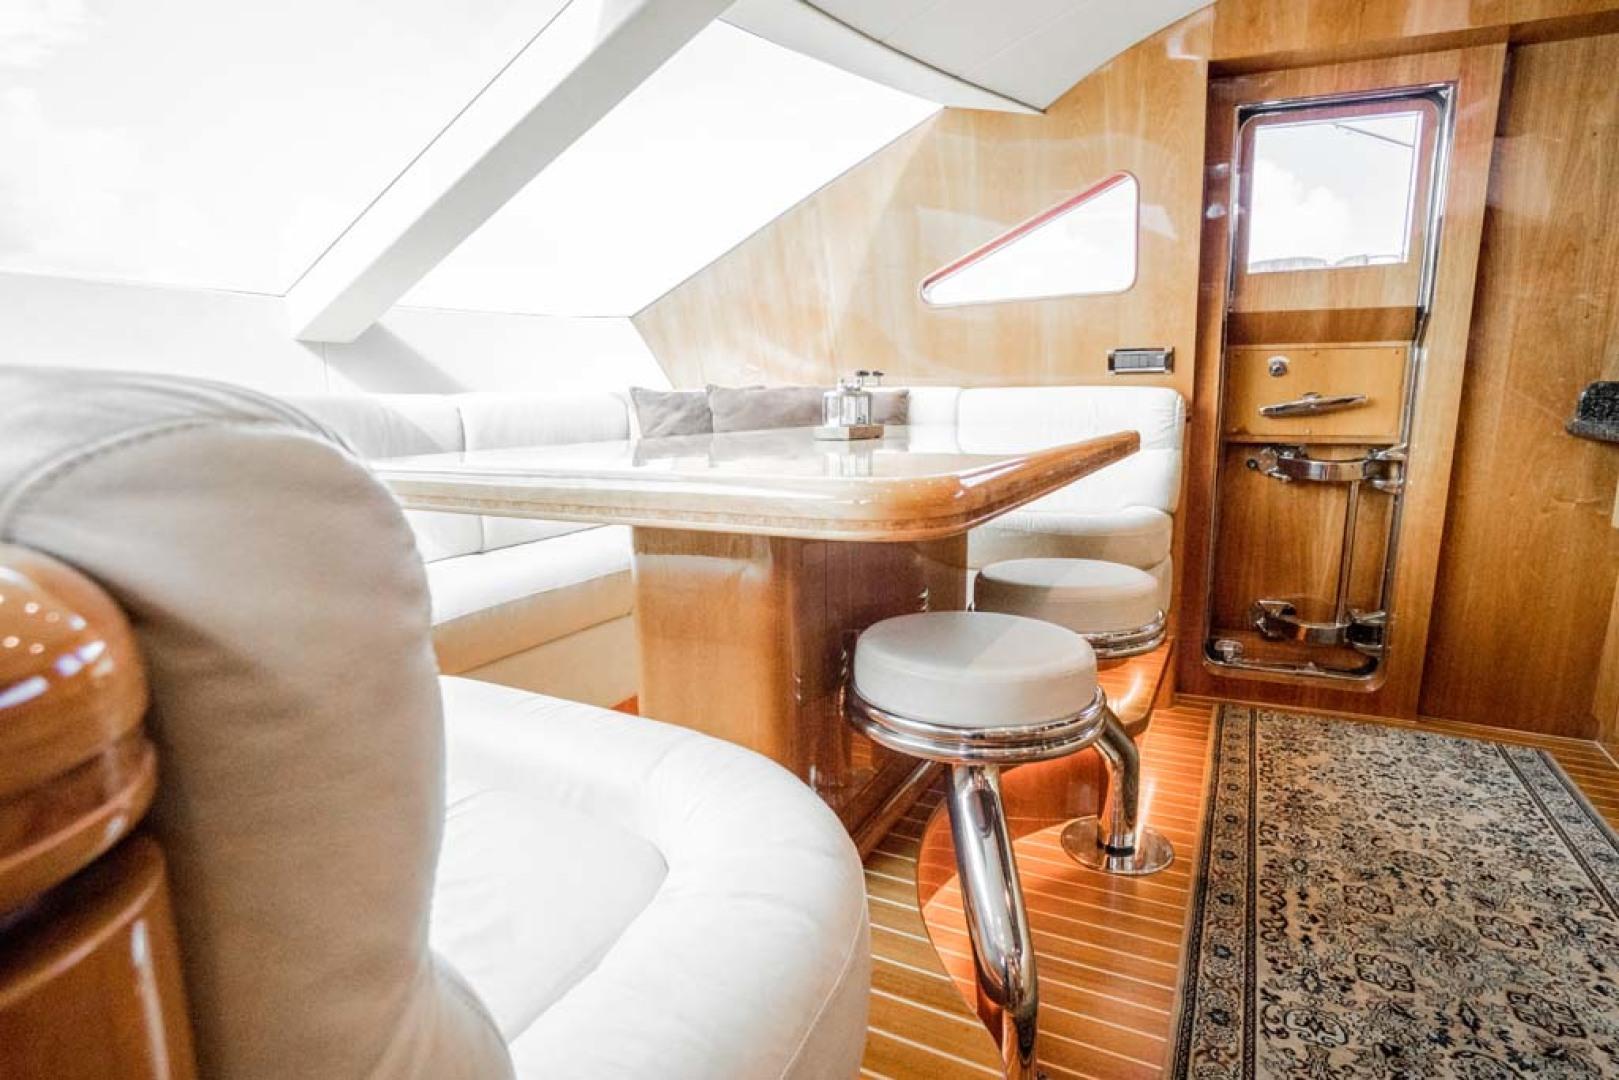 Horizon-Cockpit-Motor-Yacht-2008-Liberation-Stuart-Florida-United-States-Dining-1075327